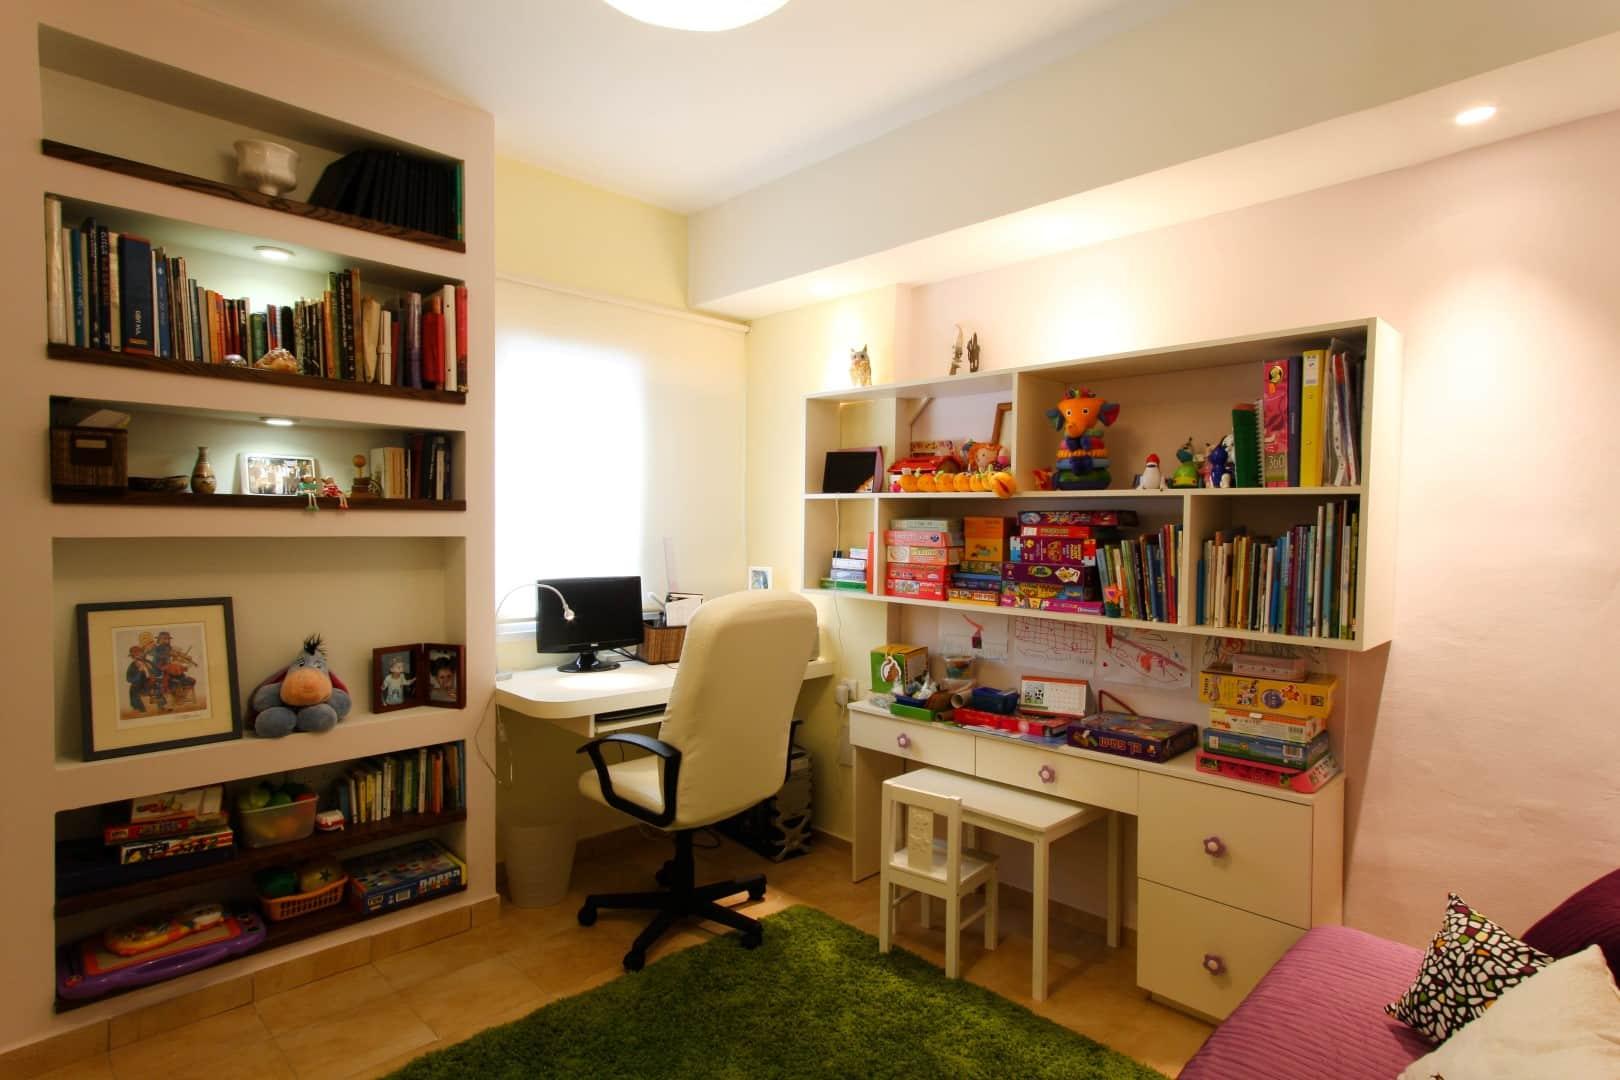 עיצוב דירות קטנות, חדר דו שימושי בדירה בנס ציונה, ענבל קרקו עיצוב פנים ופנג שואי